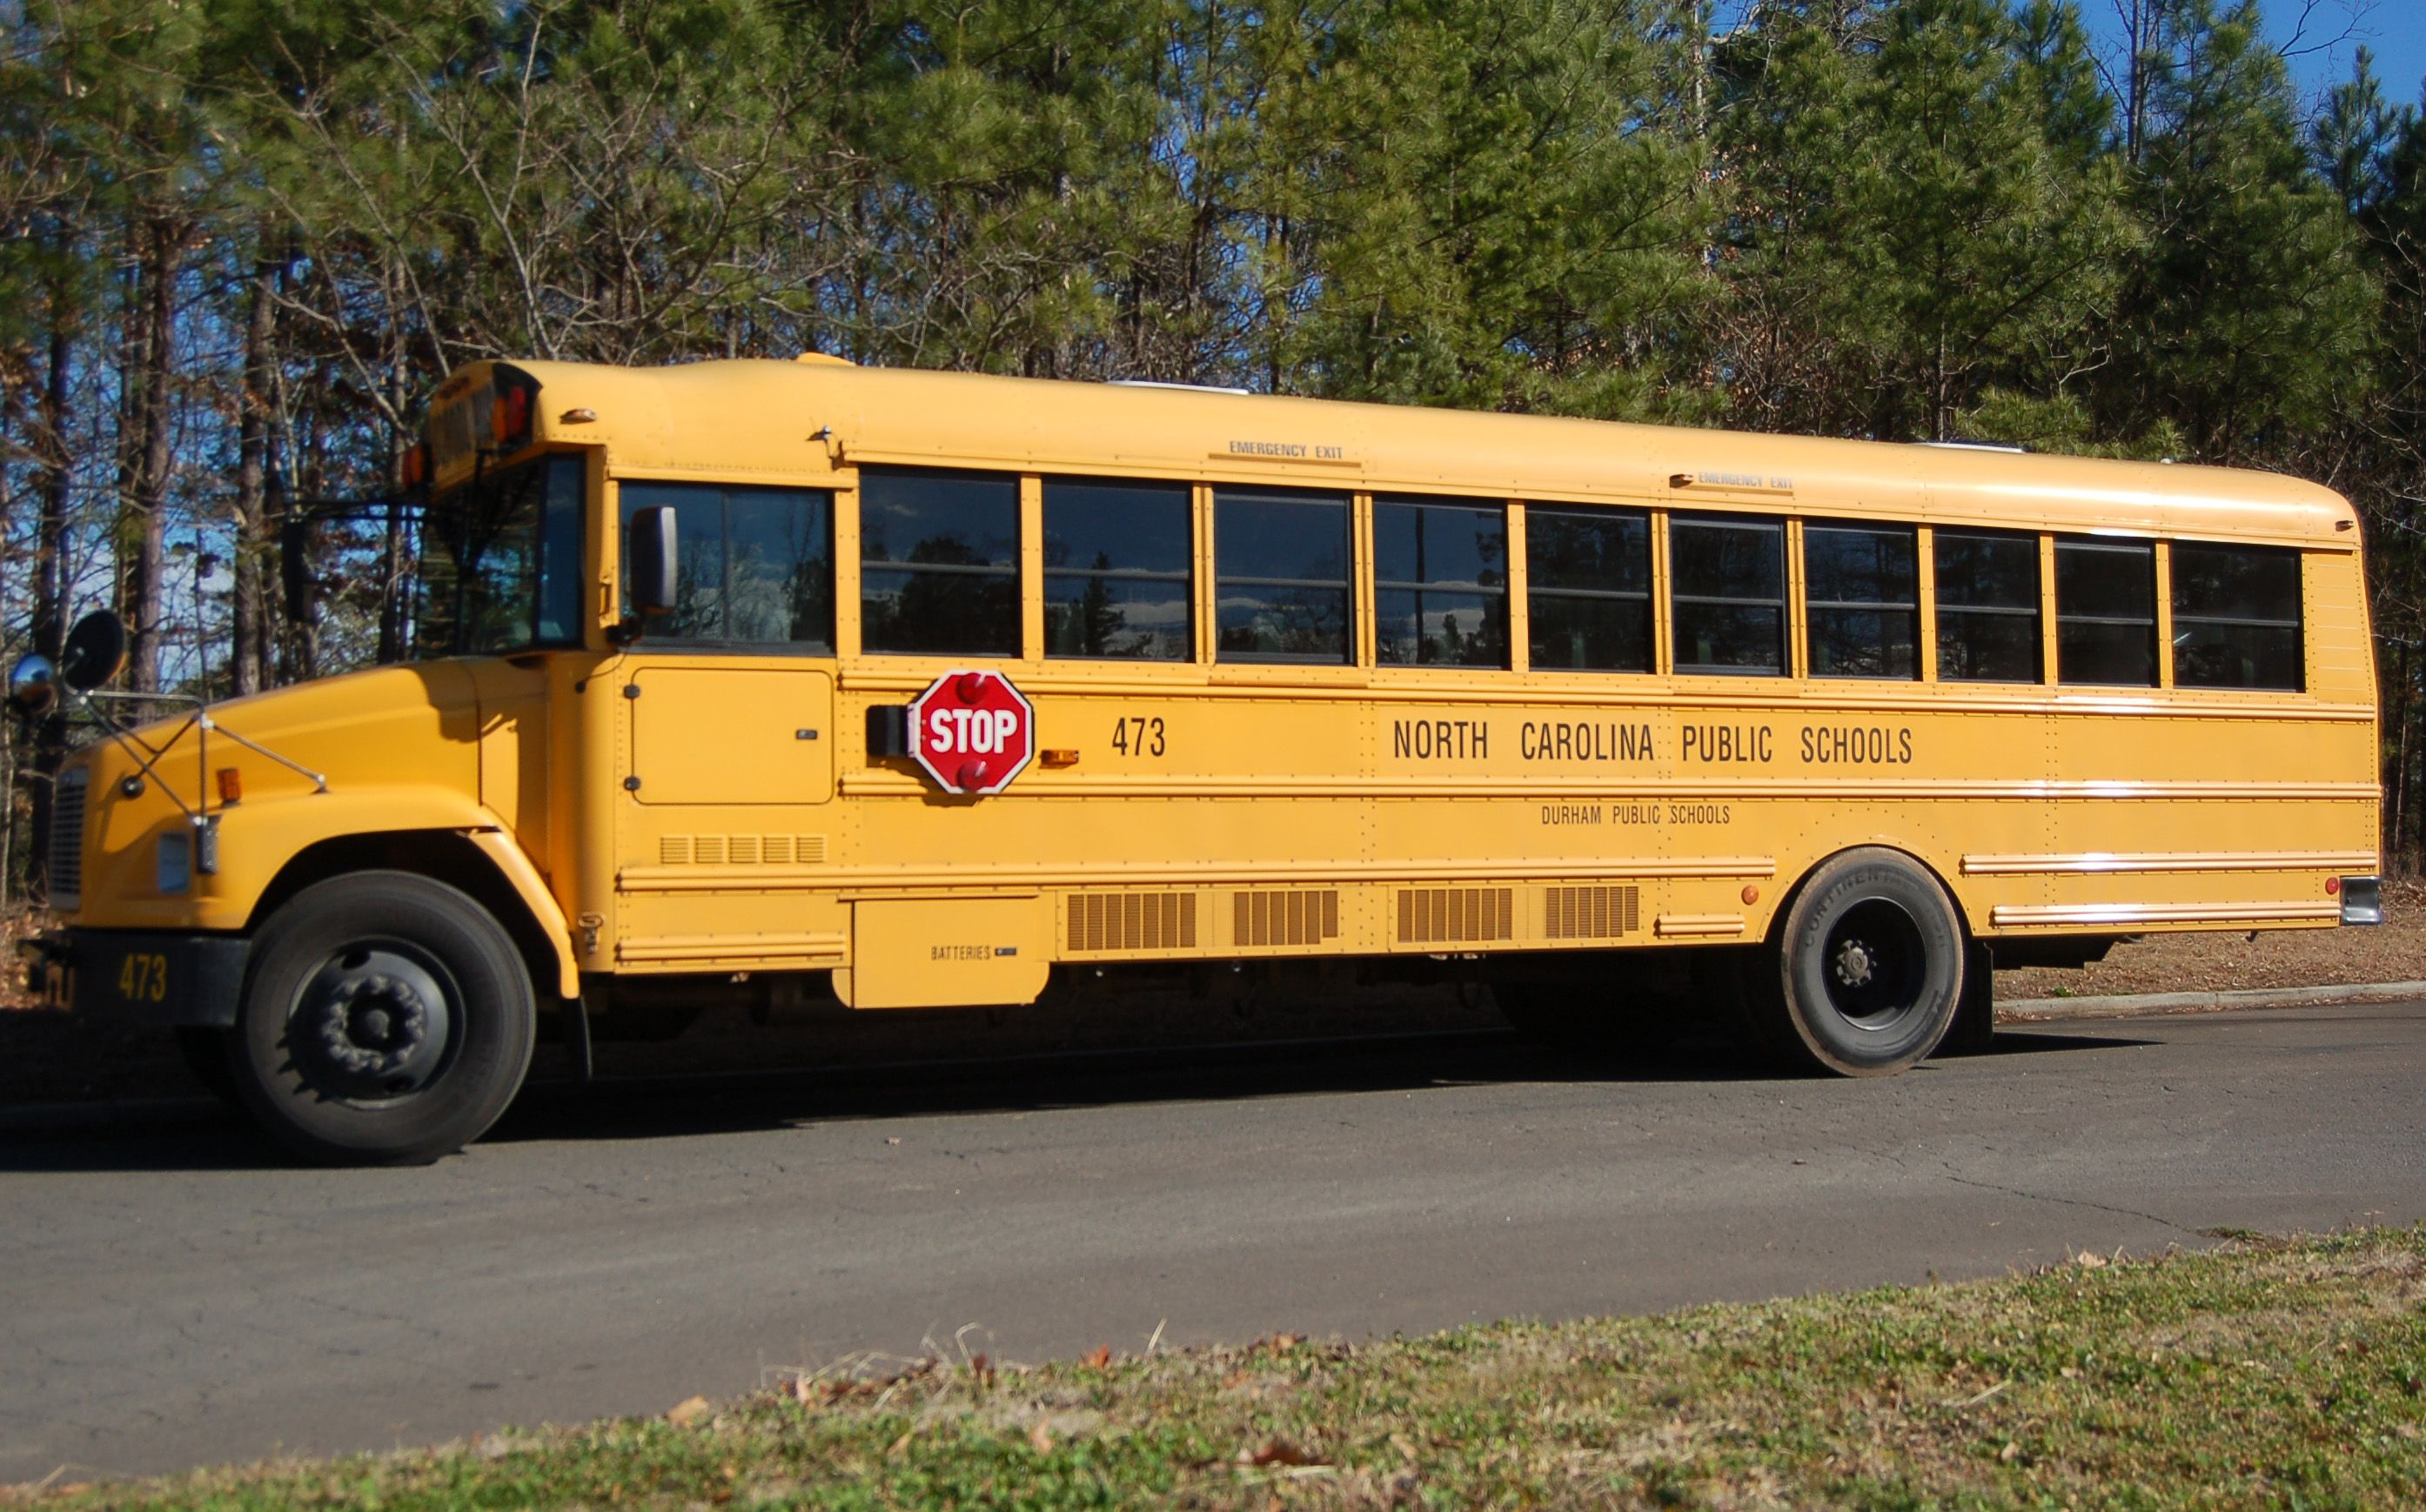 Durham Public Schools North Carolina Public Schools 473 2005